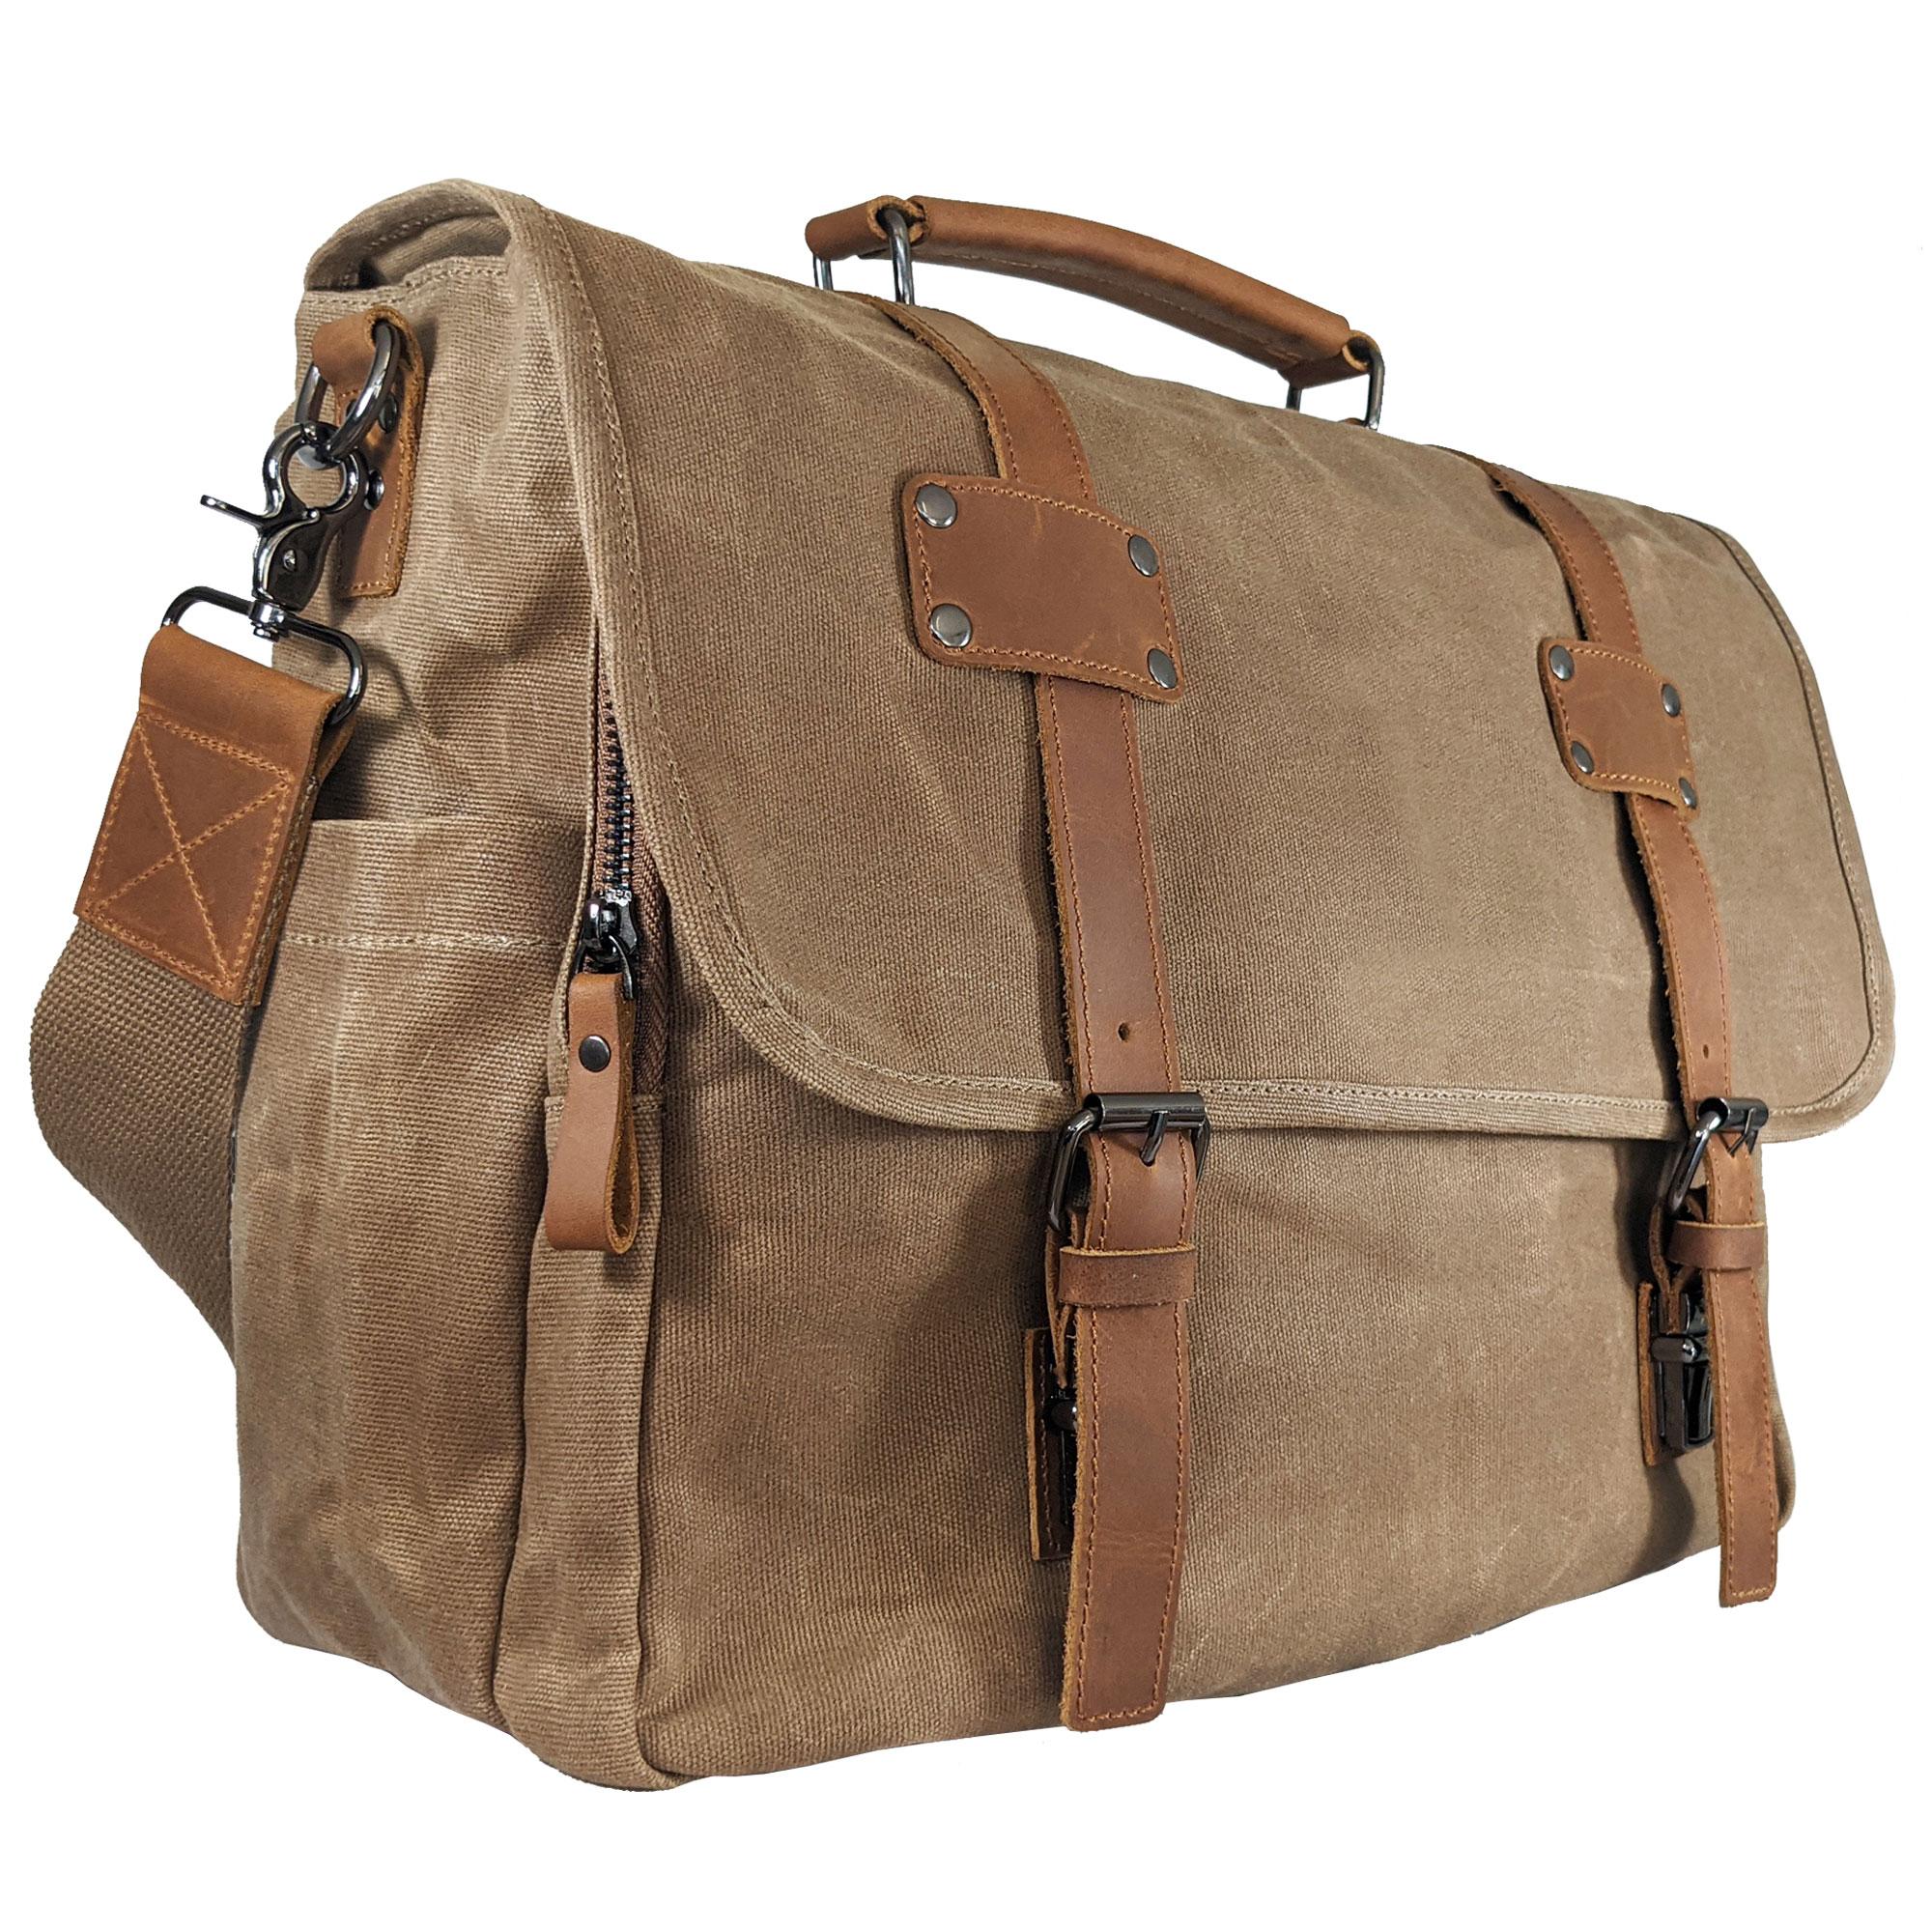 21 09 17 16 40 52 original messenger bag main